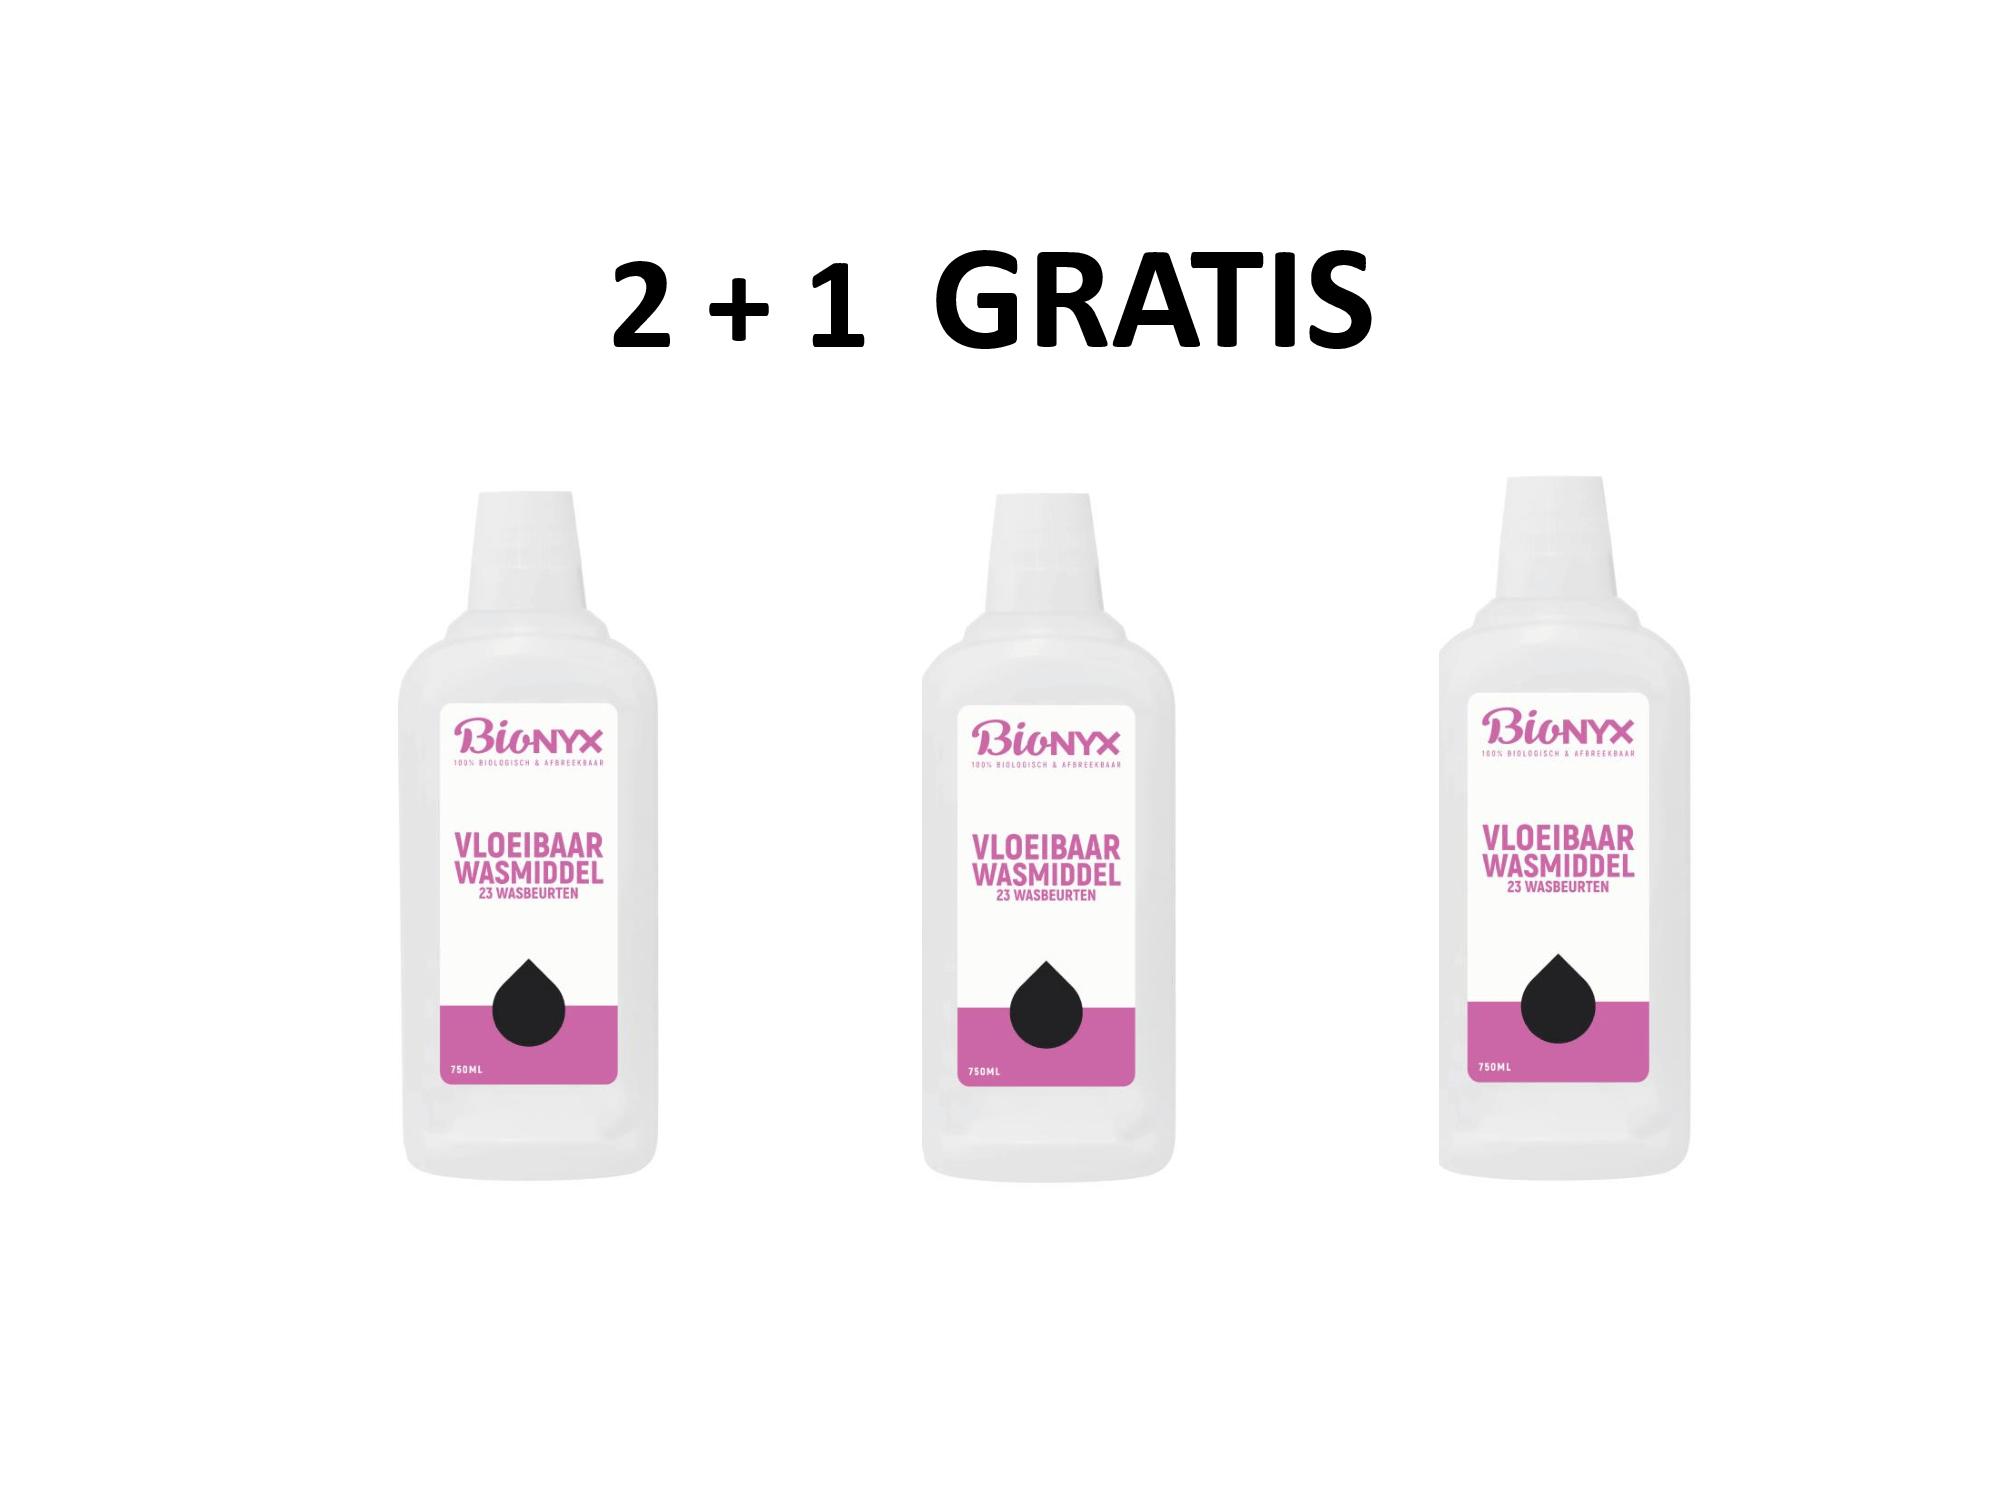 BIOnyx-Vloeibaarwasmiddel- 2-1-GRATIS